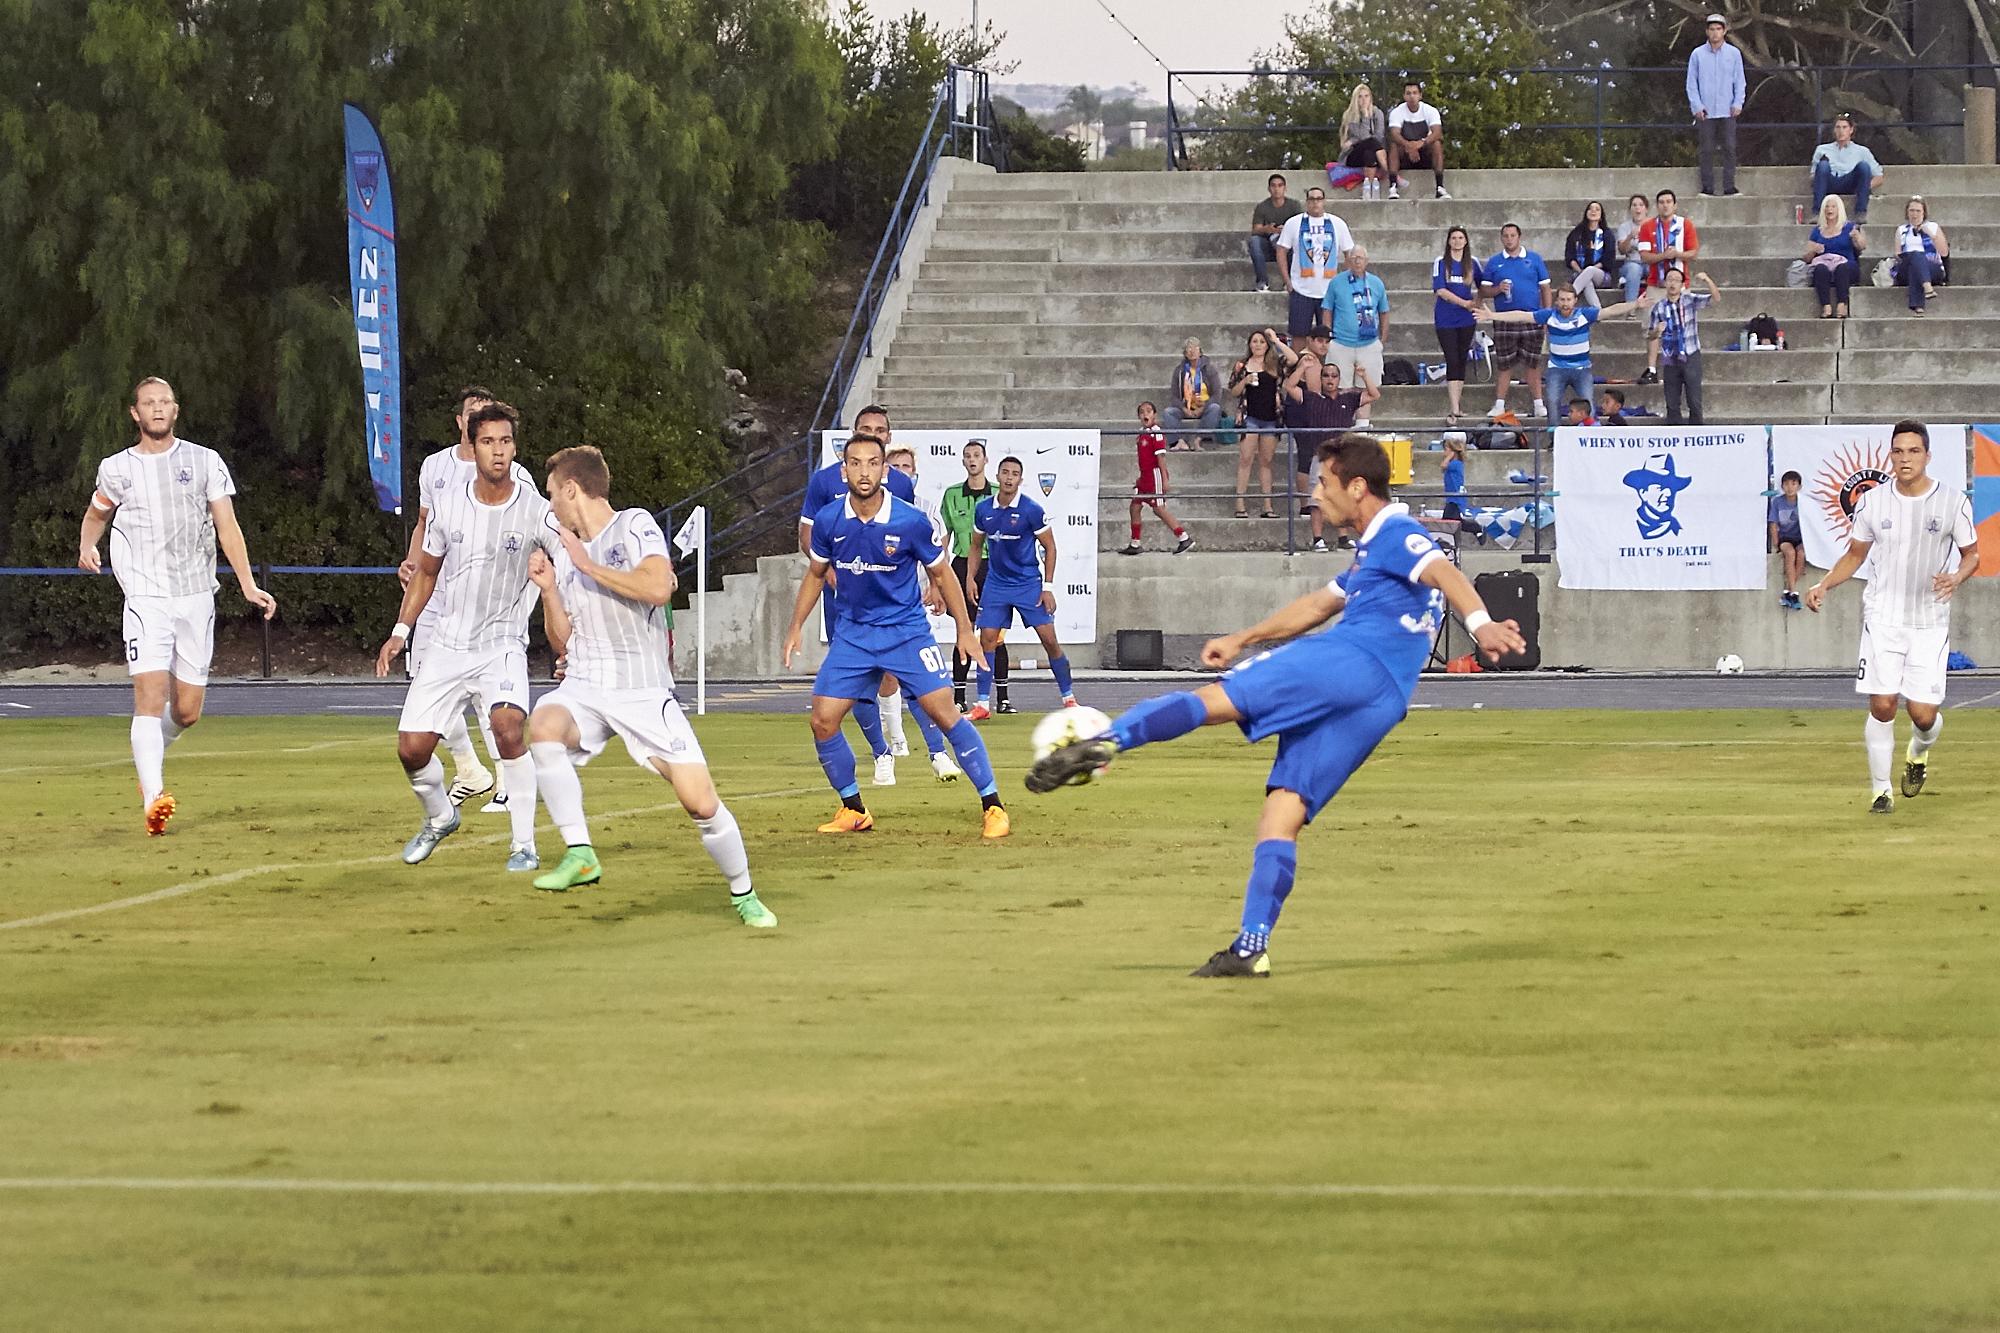 Local USL Sides OC Blues, LA Galaxy II Kick Off 2016 Season Saturday